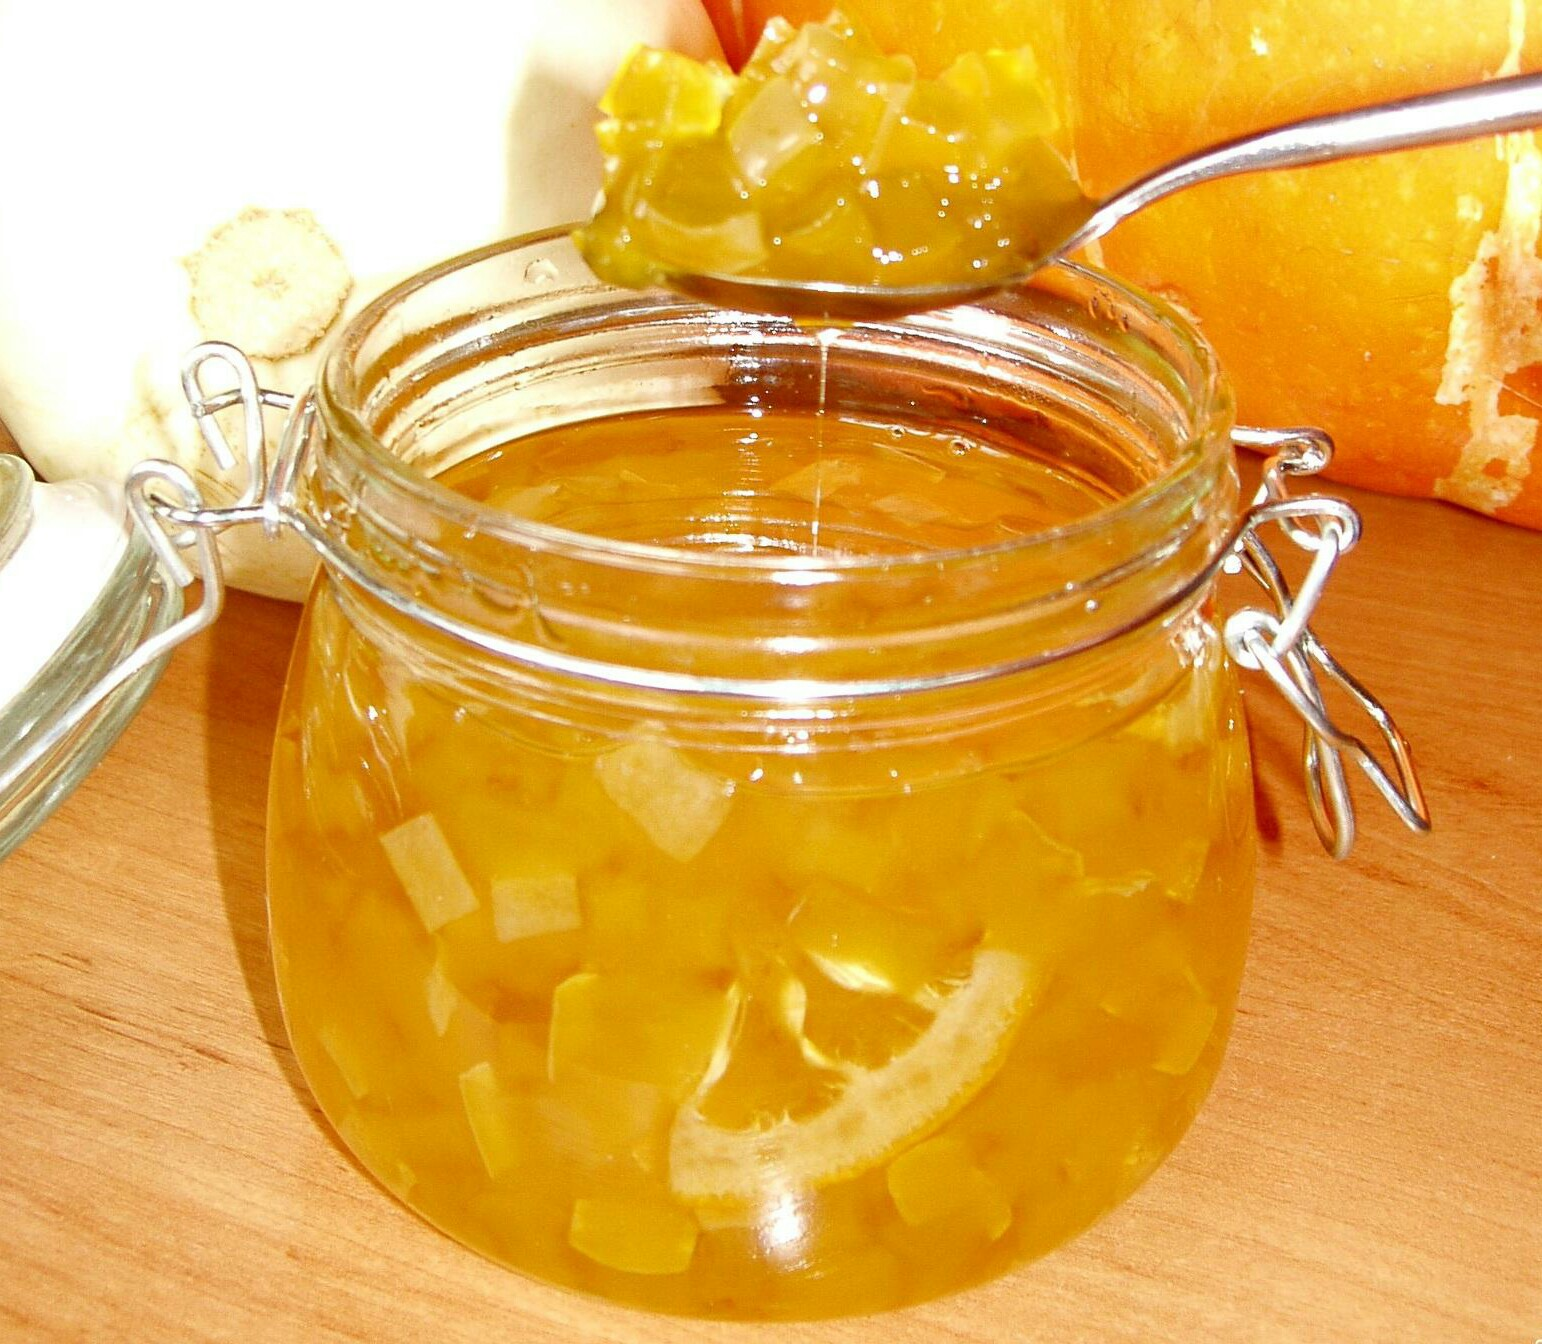 Варенье из кабачков - как приготовить по пошаговым рецептам на зиму с лимонами или апельсинами